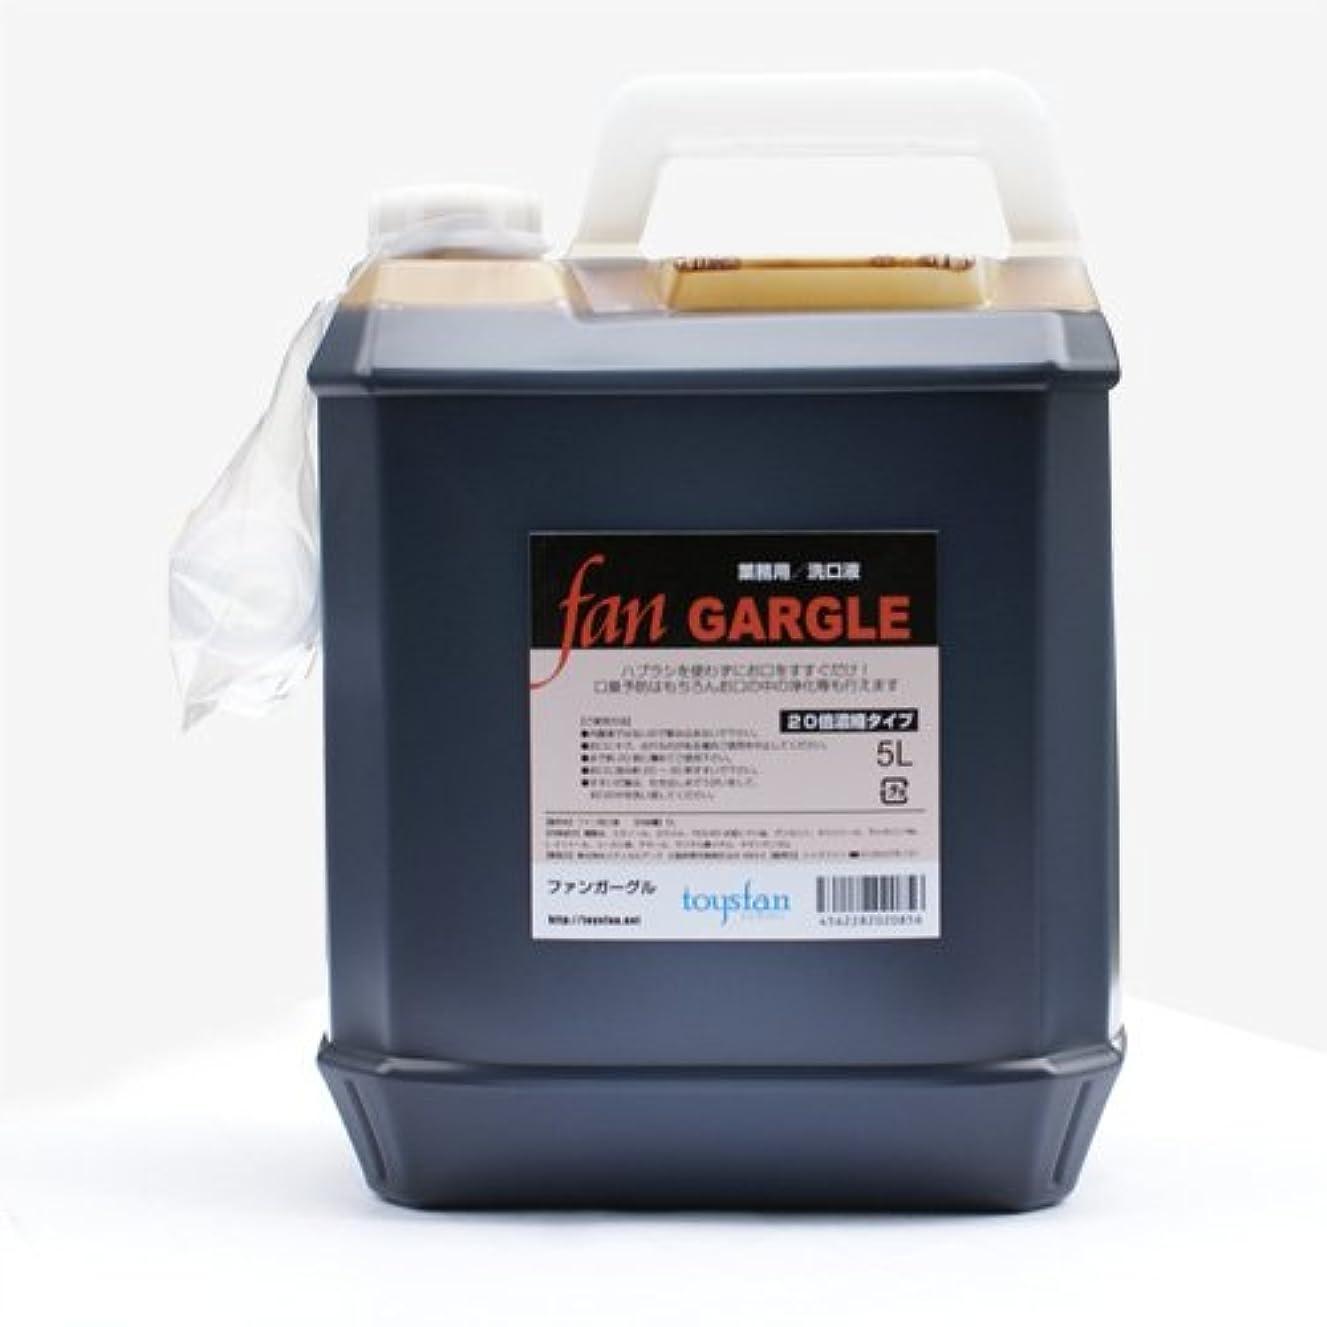 自然公園緊急ずるいファンガーグル 5L(20倍濃縮)業務用洗口液